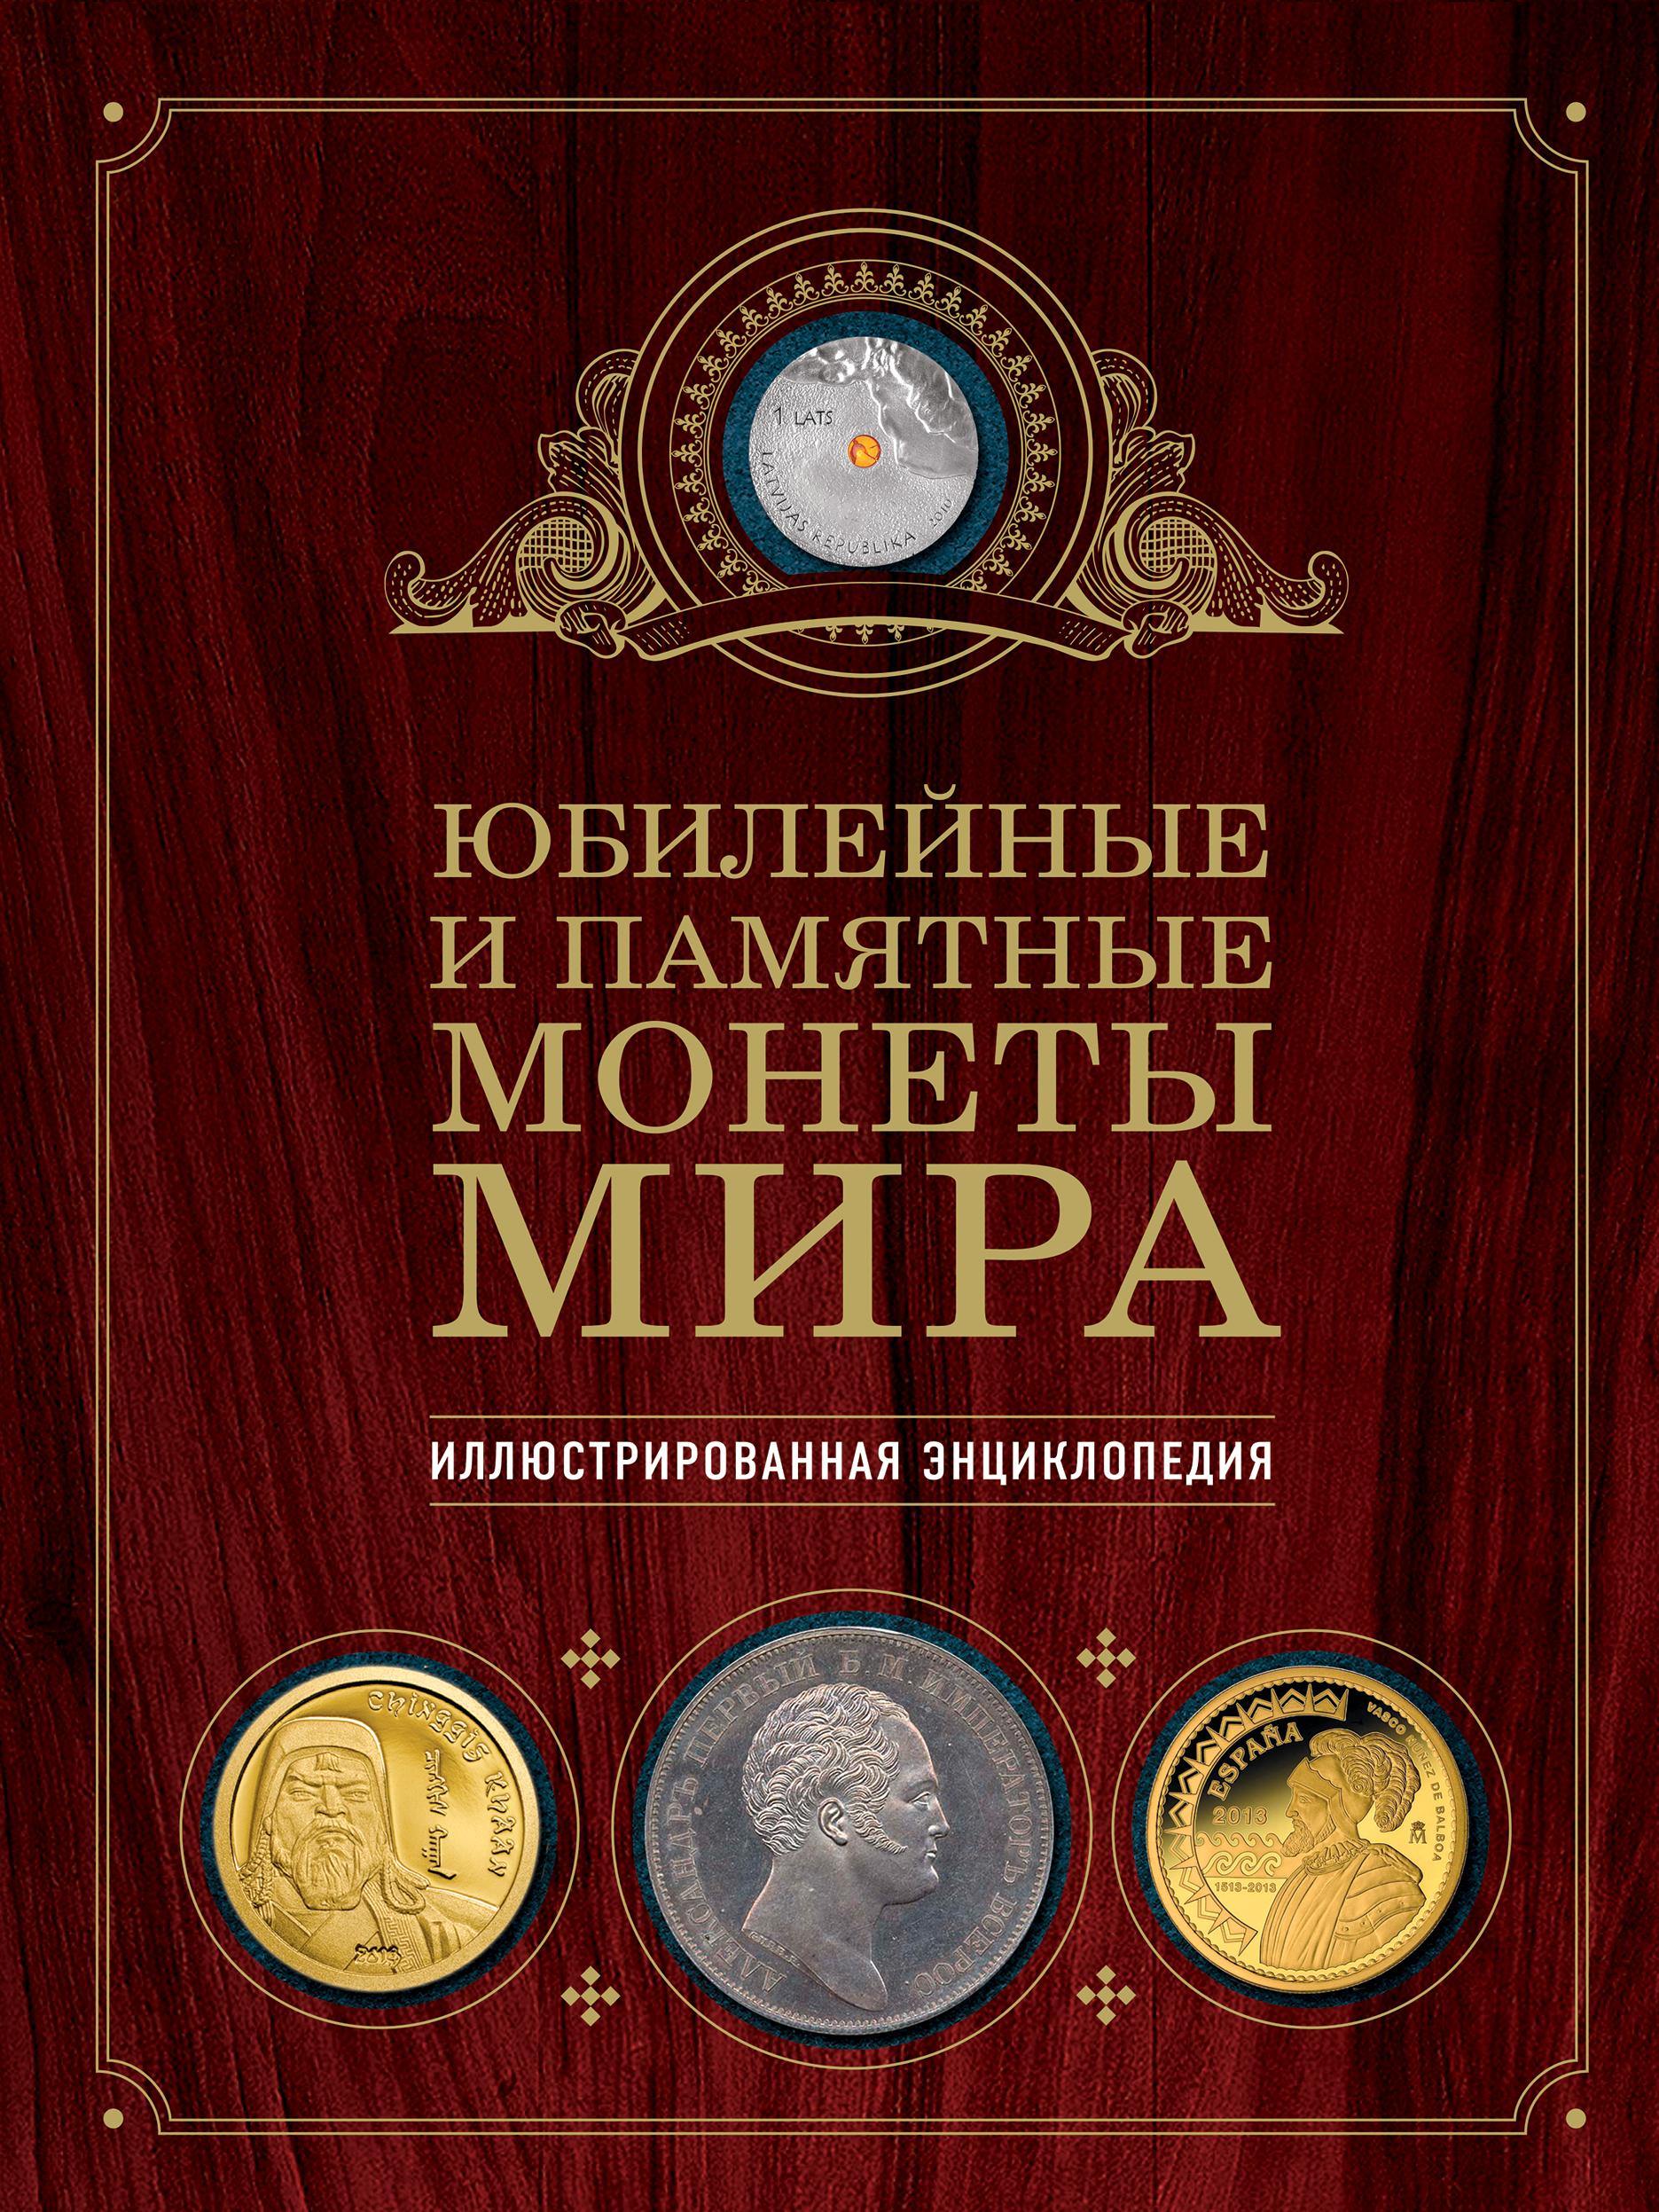 Ларин-Подольский Игорь Александрович Юбилейные и памятные монеты мира монеты в сургуте я продаю